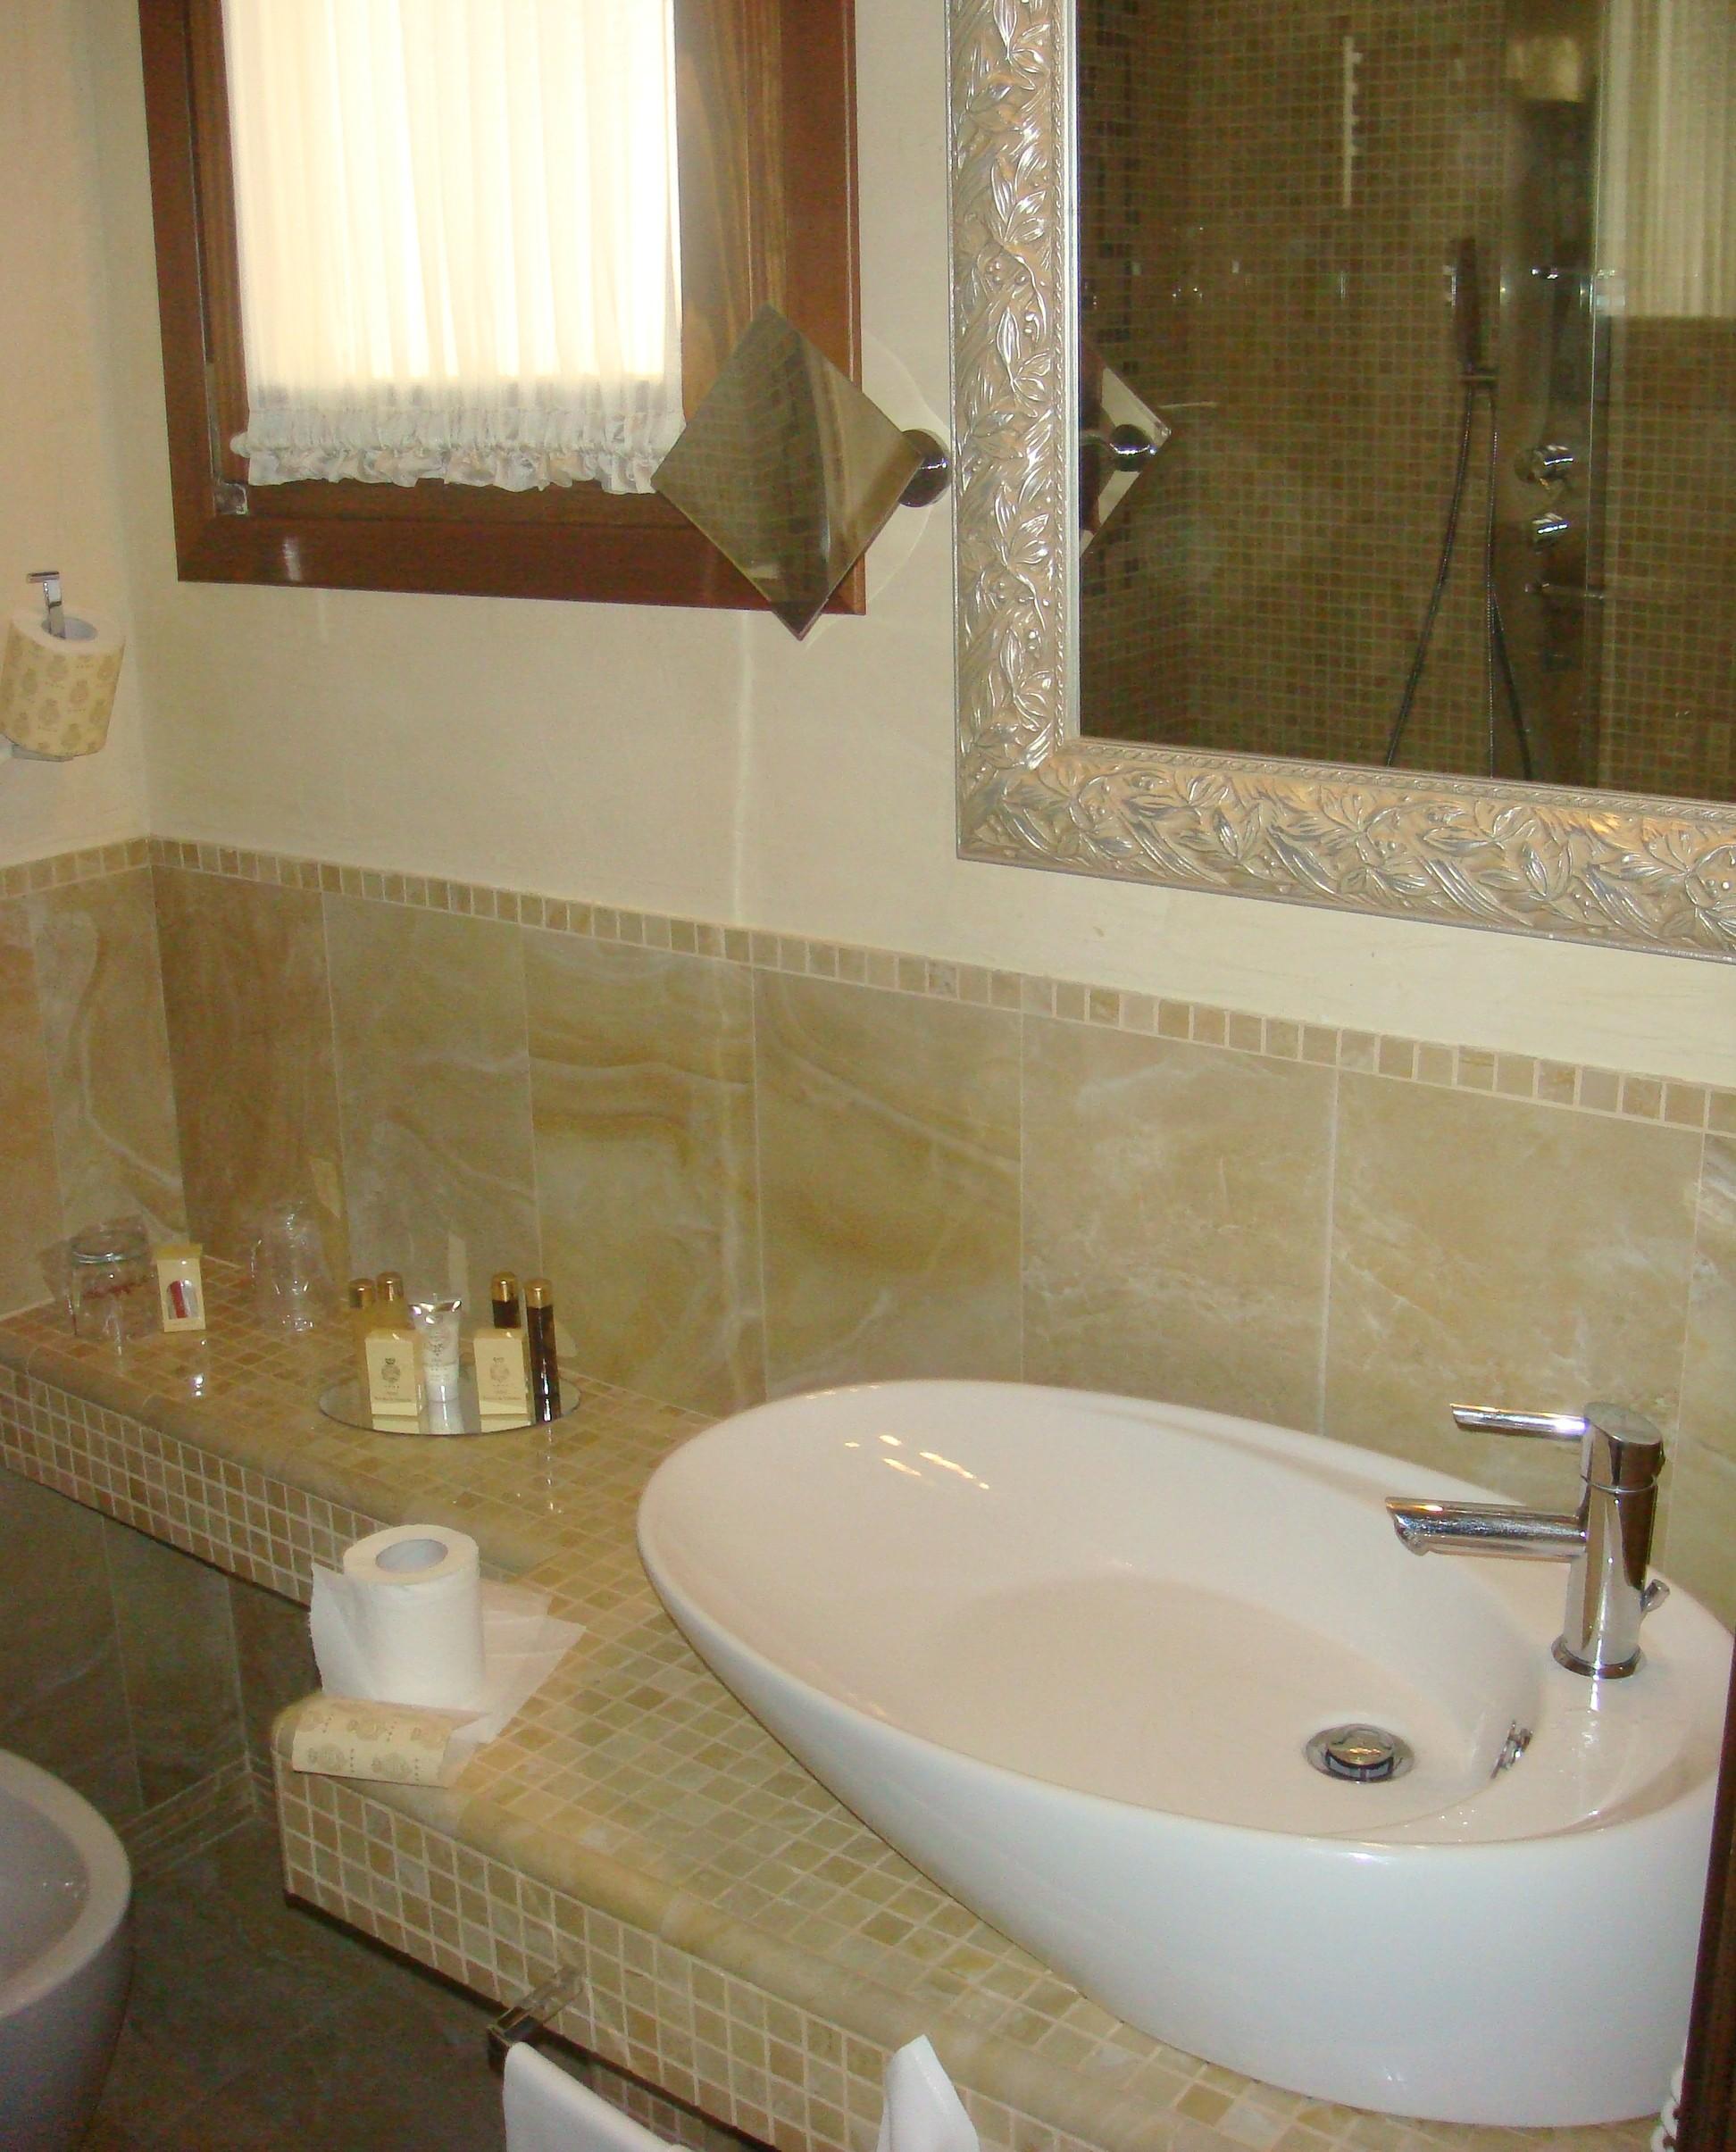 Horas » Arquivos » Dica de Hotel em Veneza: Hotel Savoia & Jolanda #5F4928 1944x2410 Acessorios Para Banheiro Hotel